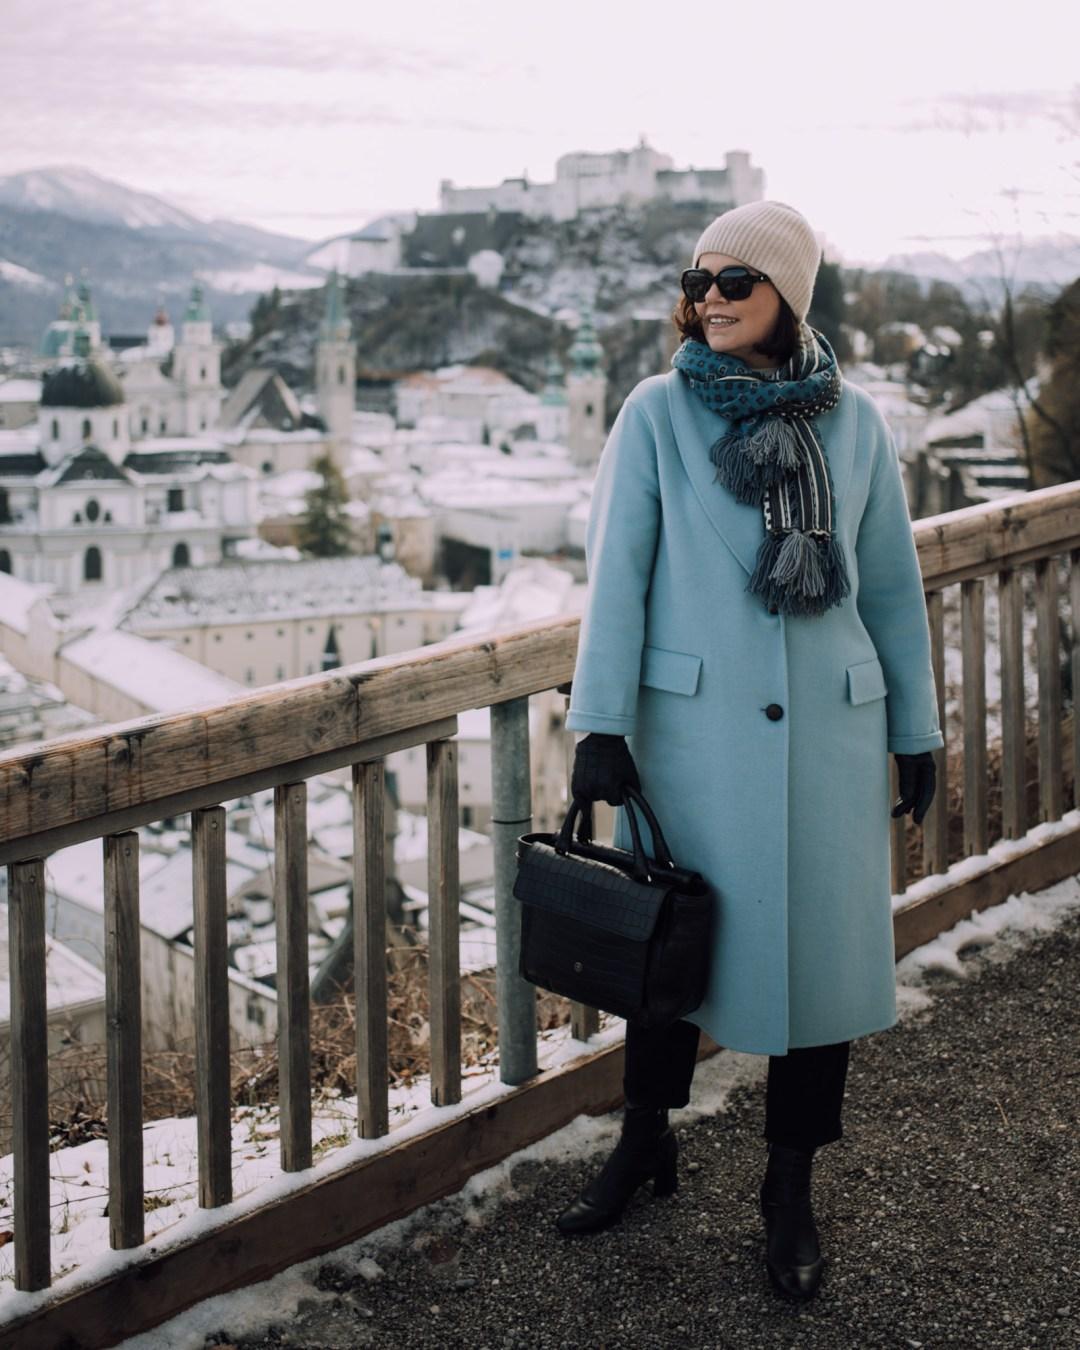 AUSSICHT Inastil, Maxwell Scott, Ü50Blog, Businesstasche, Salzburg, Modeblog, Styleover50, Stilberatung, Wintermode, Citymode, Wollmantel, blau,_-6